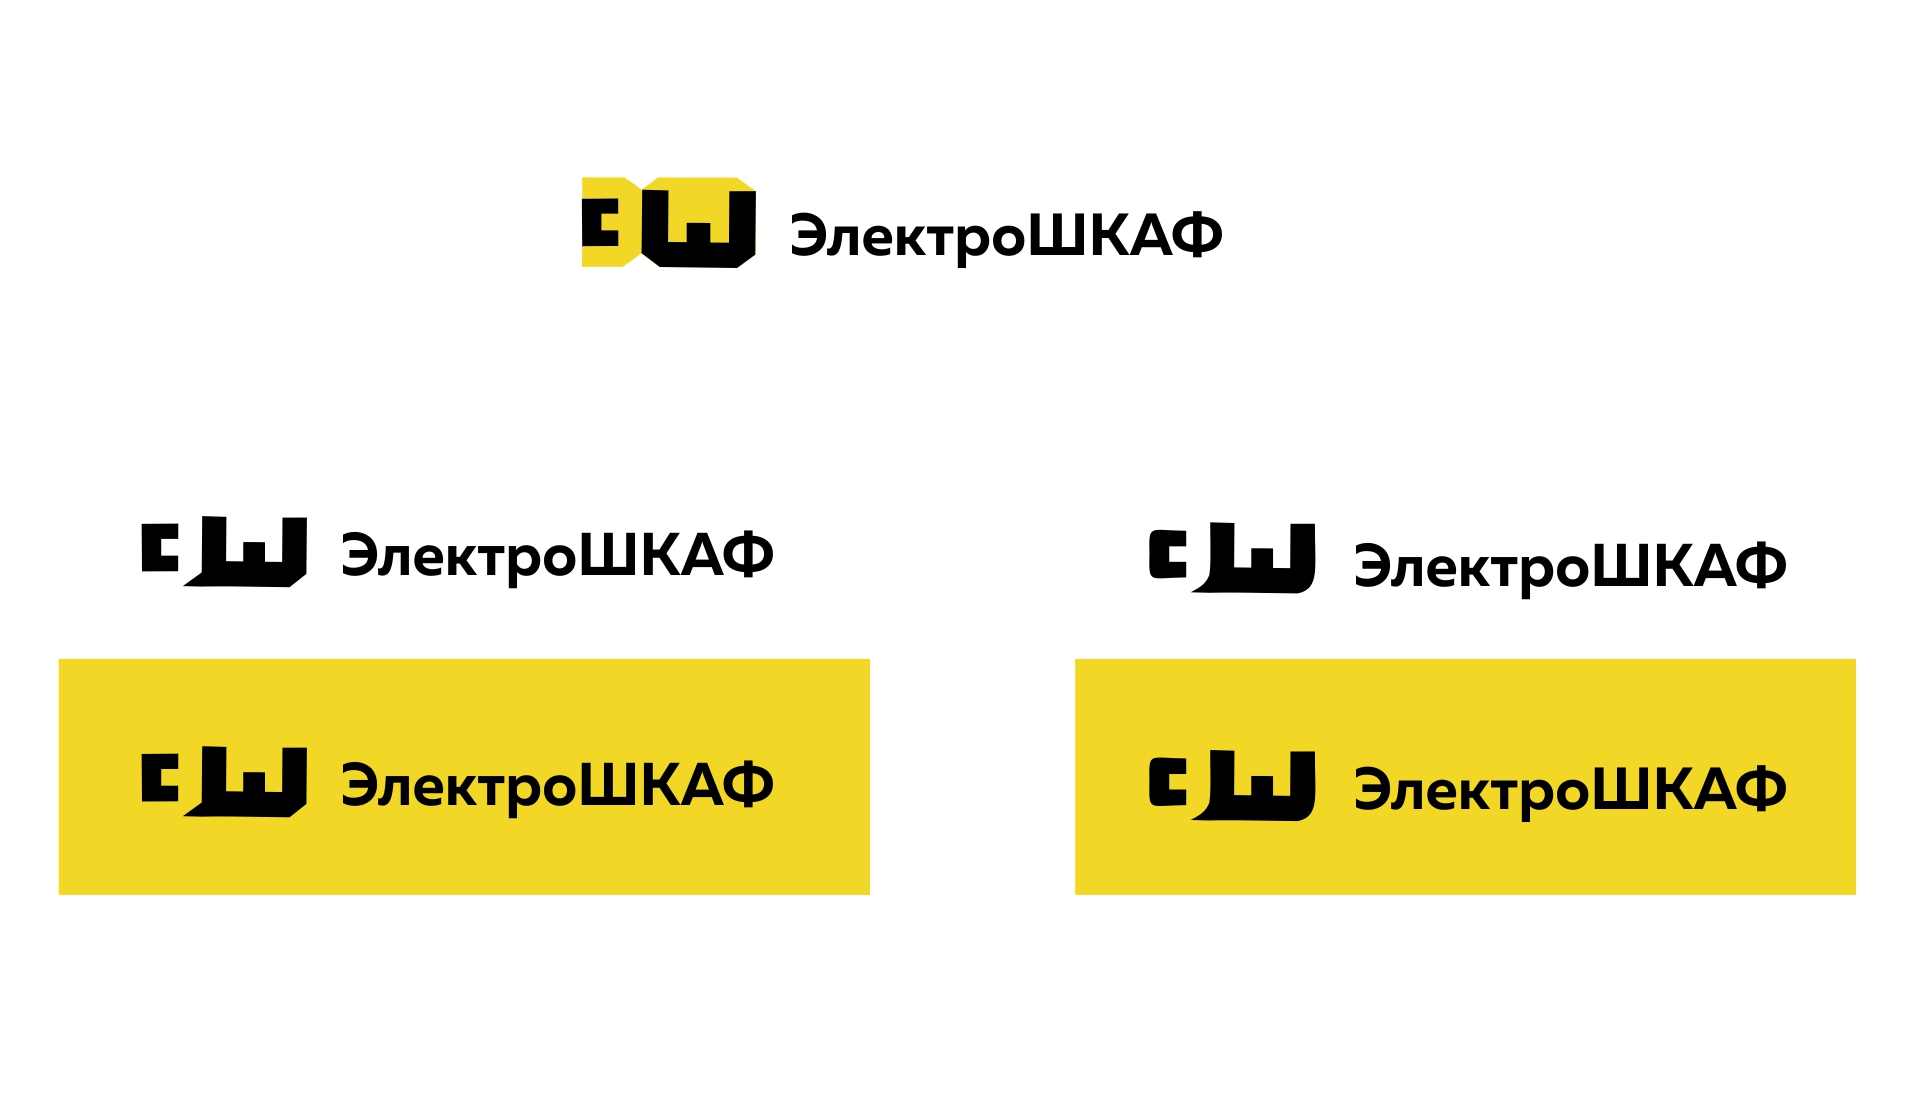 Разработать логотип для завода по производству электрощитов фото f_8505b6e80a38d21a.jpg